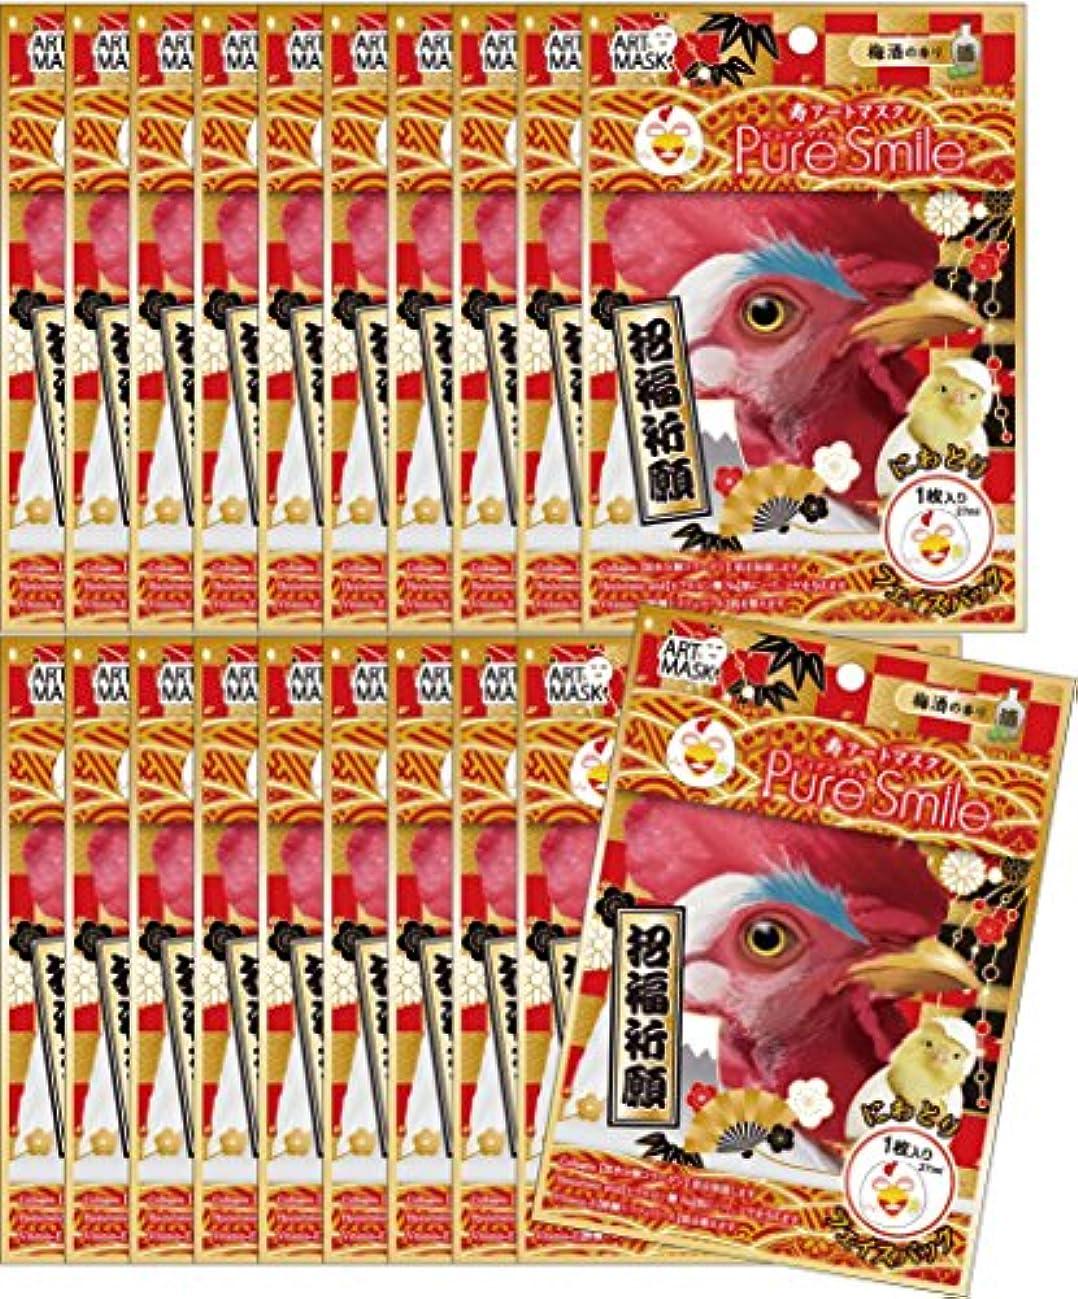 崩壊持っている噂【ピュアスマイル】『迎春寿アートマスク』(にわとり/梅酒の香り)20枚セット